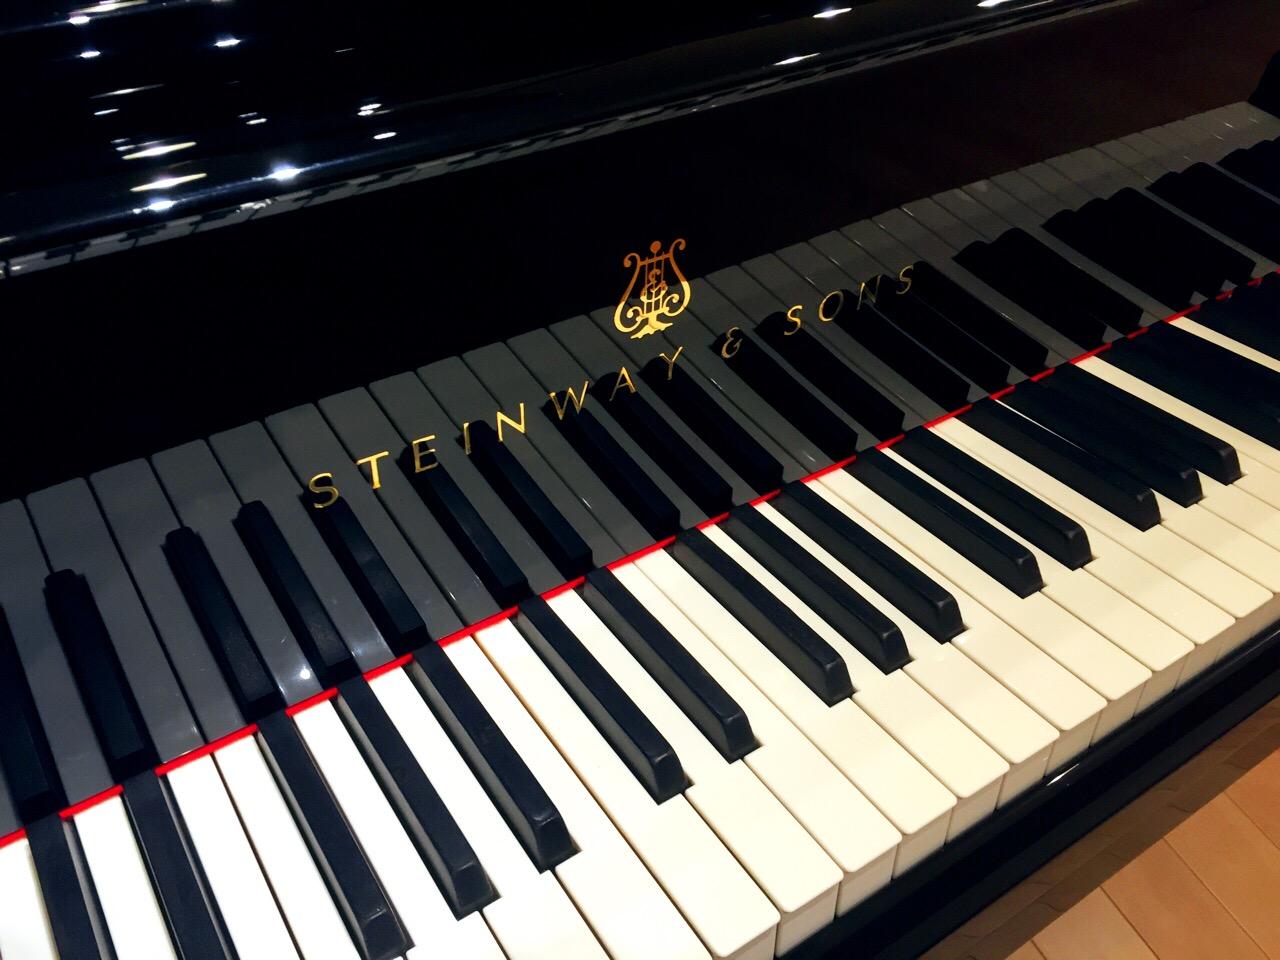 Frederic Chopin(フレデリック・ショパン)